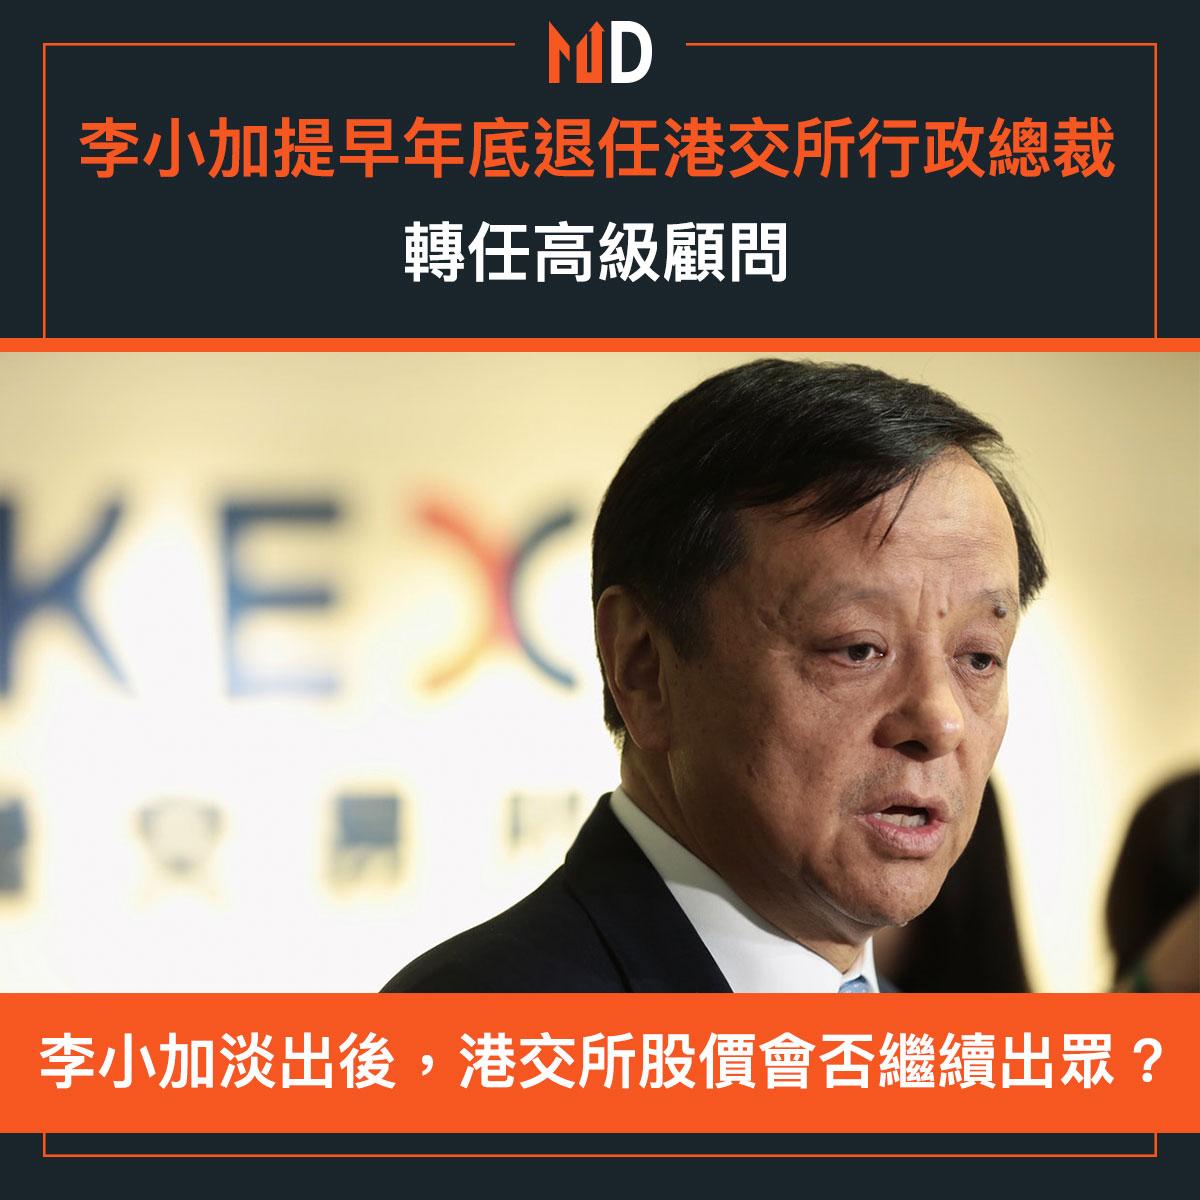 【李小加離任】李小加提早年底退任港交所行政總裁,轉任高級顧問